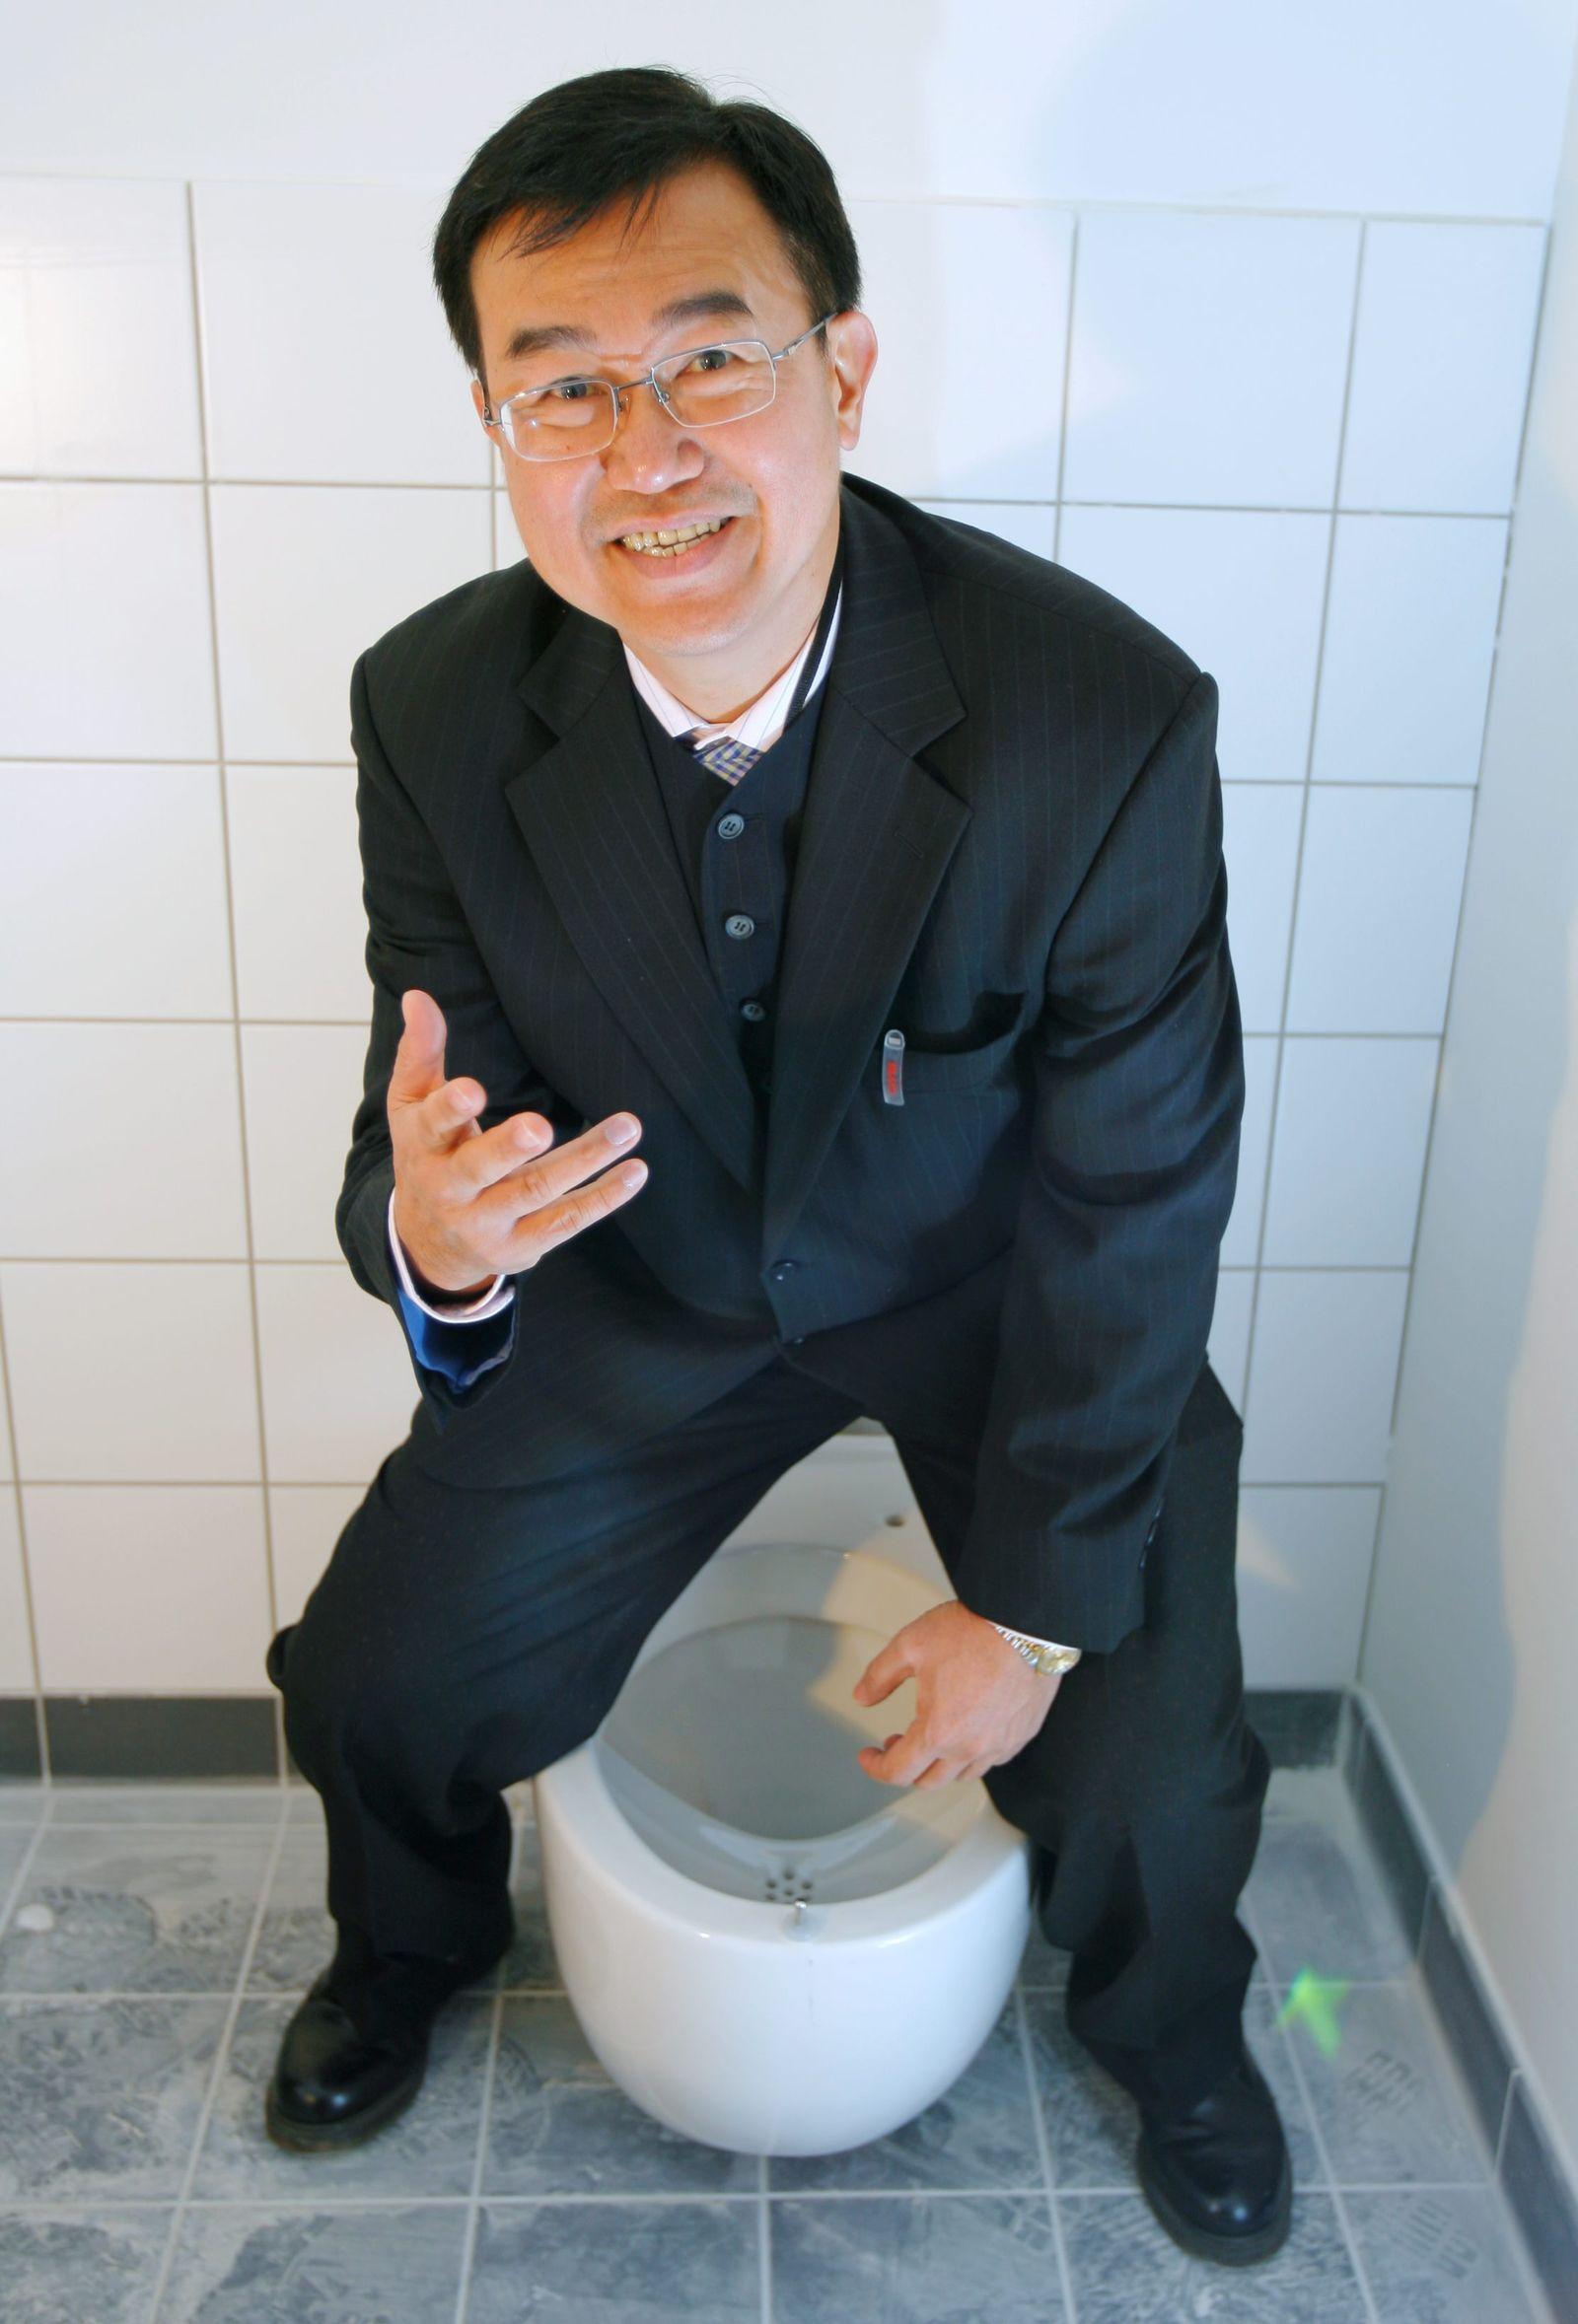 Toilette Herrentoilette